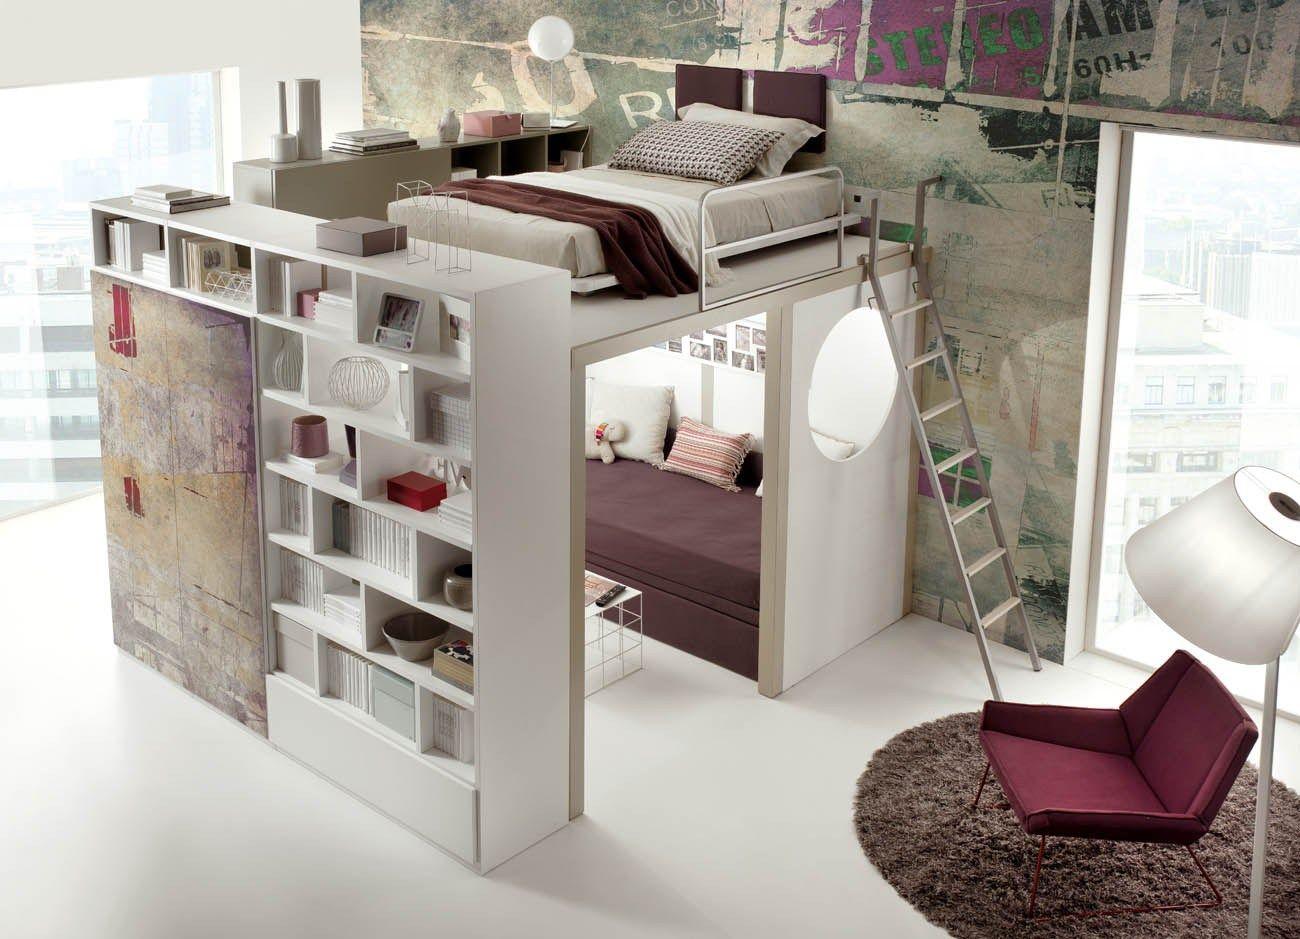 Ansprechend Jugendliche Zimmer Galerie Von Schlafzimmer Für Tiramolla 173 By Tumidei Design